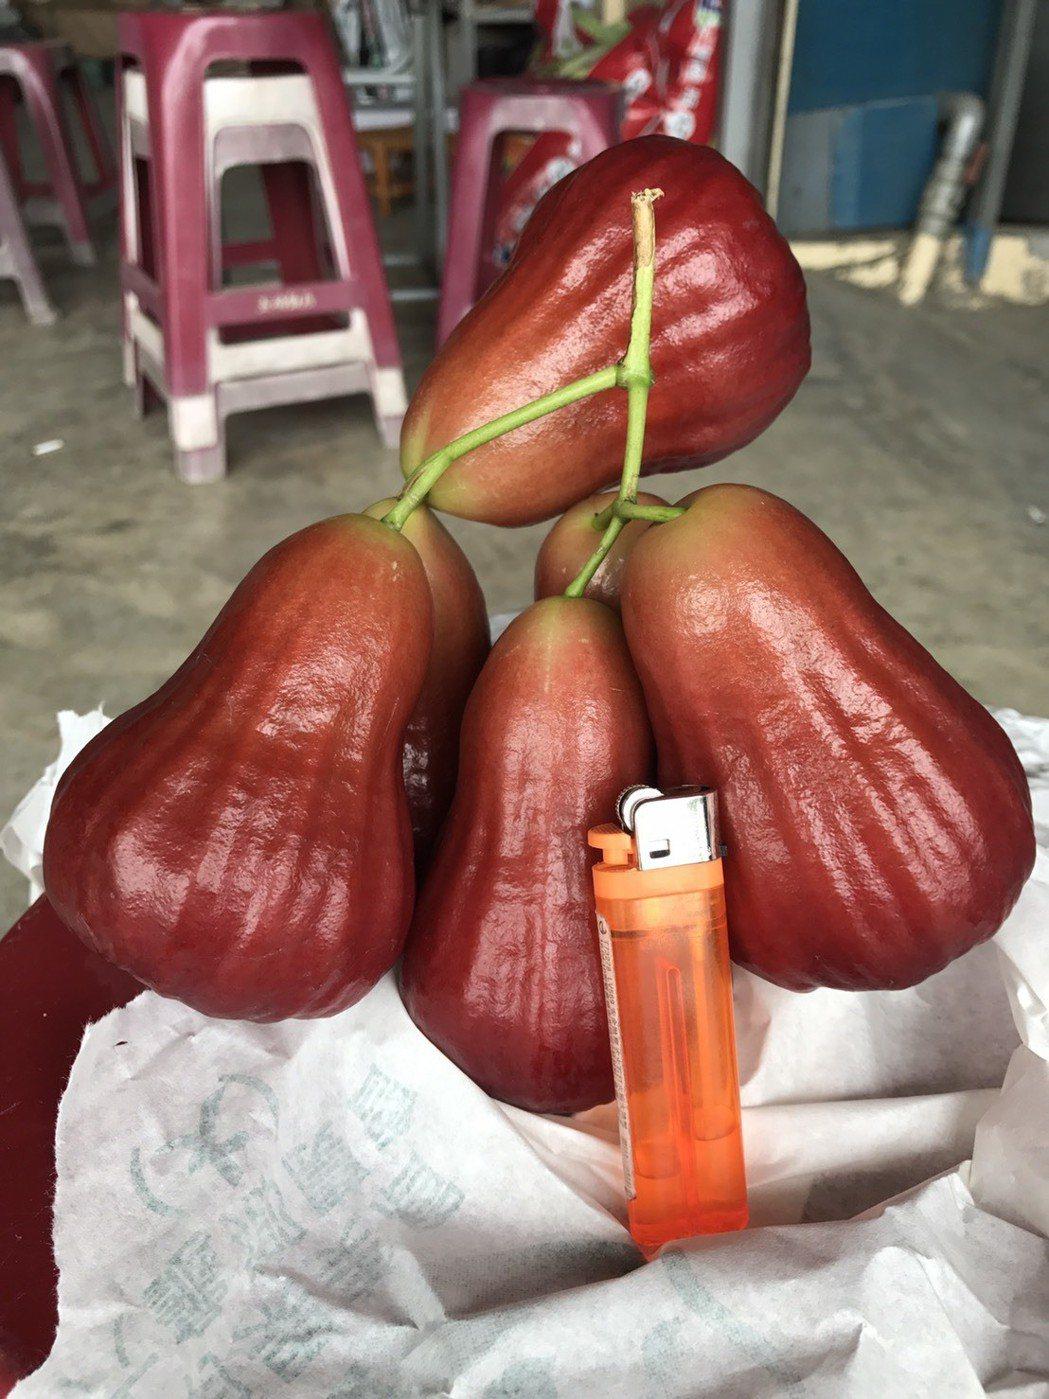 「黑糖芭比」色澤紅潤,顏色越深越好吃,價格不便宜。記者徐白櫻/翻攝